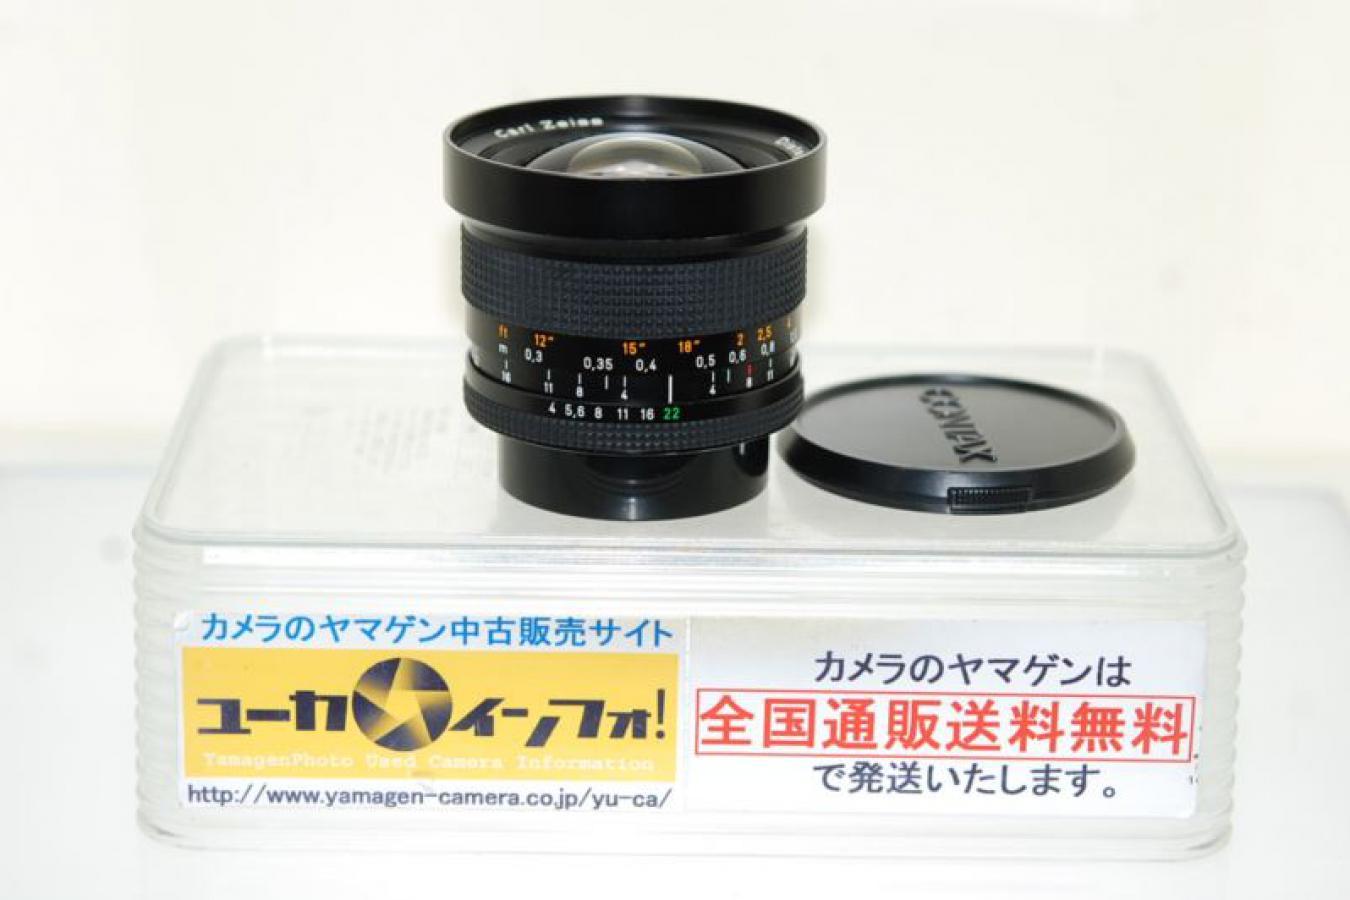 コンタックス ディスタゴン T* 18mm F4 MM